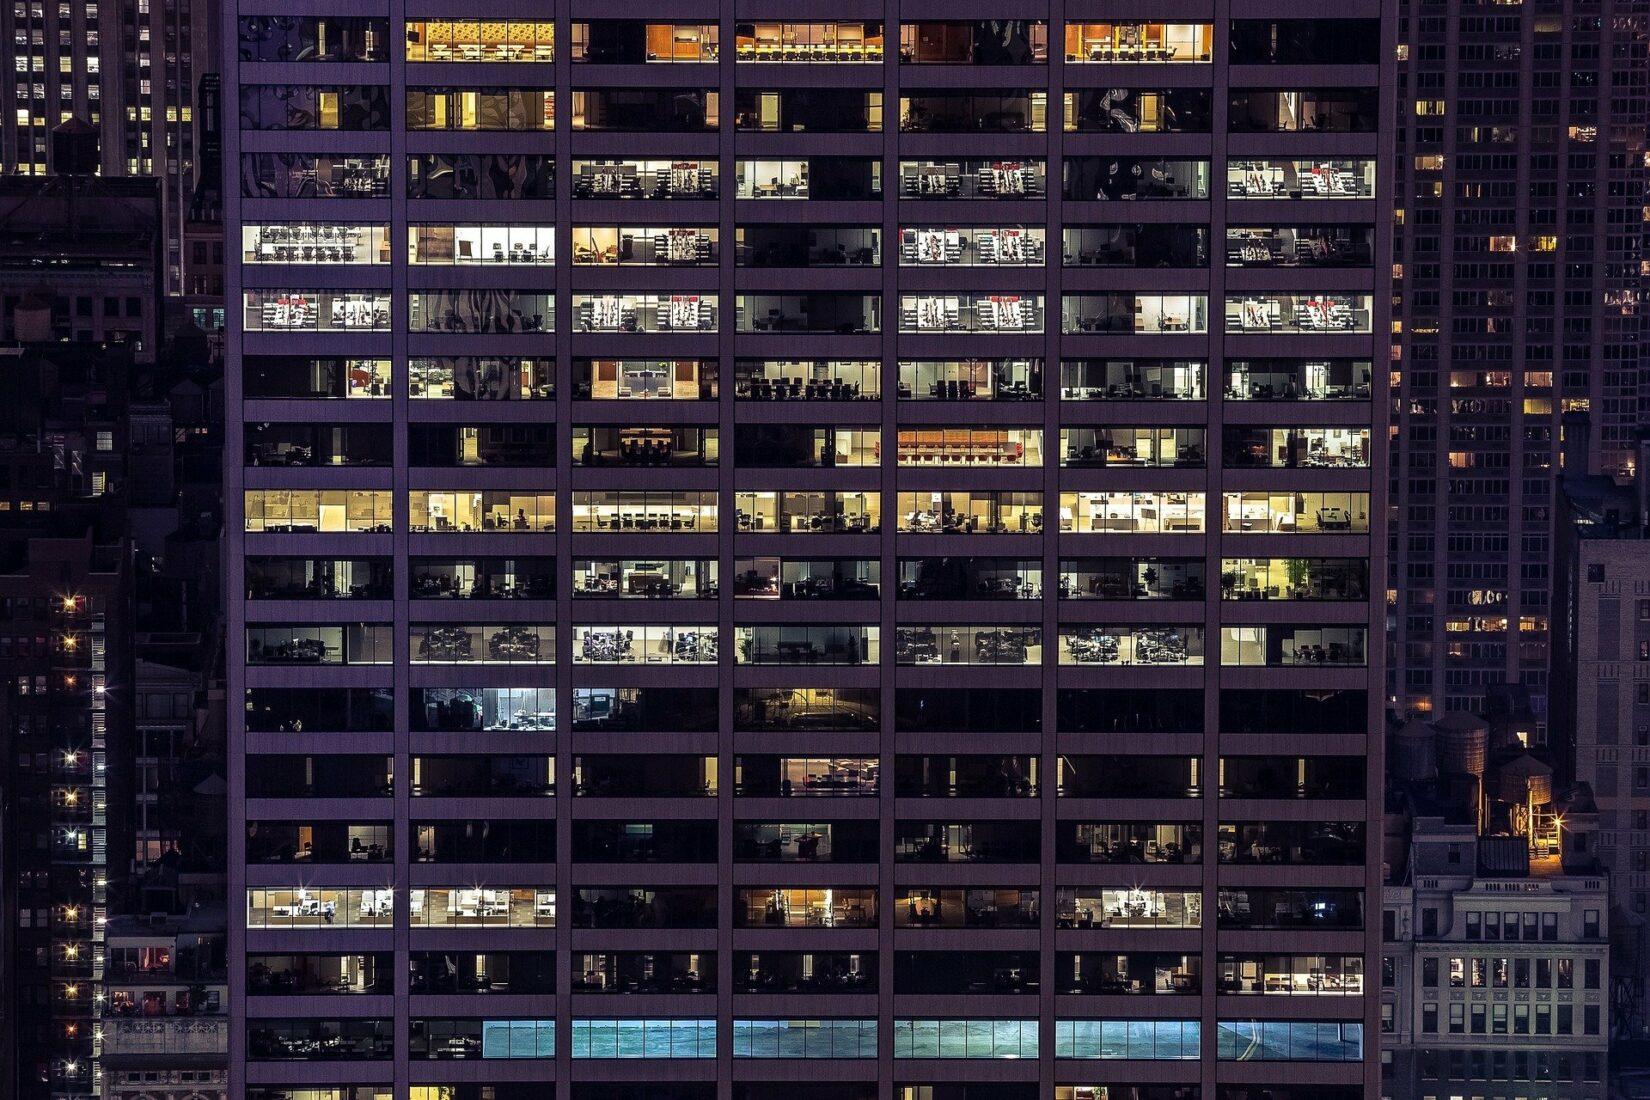 Wenn Bürolichter dauerhaft erlöschen, bietet sich eine Umnutzung zu Wohnraum an. Foto: Pixabay